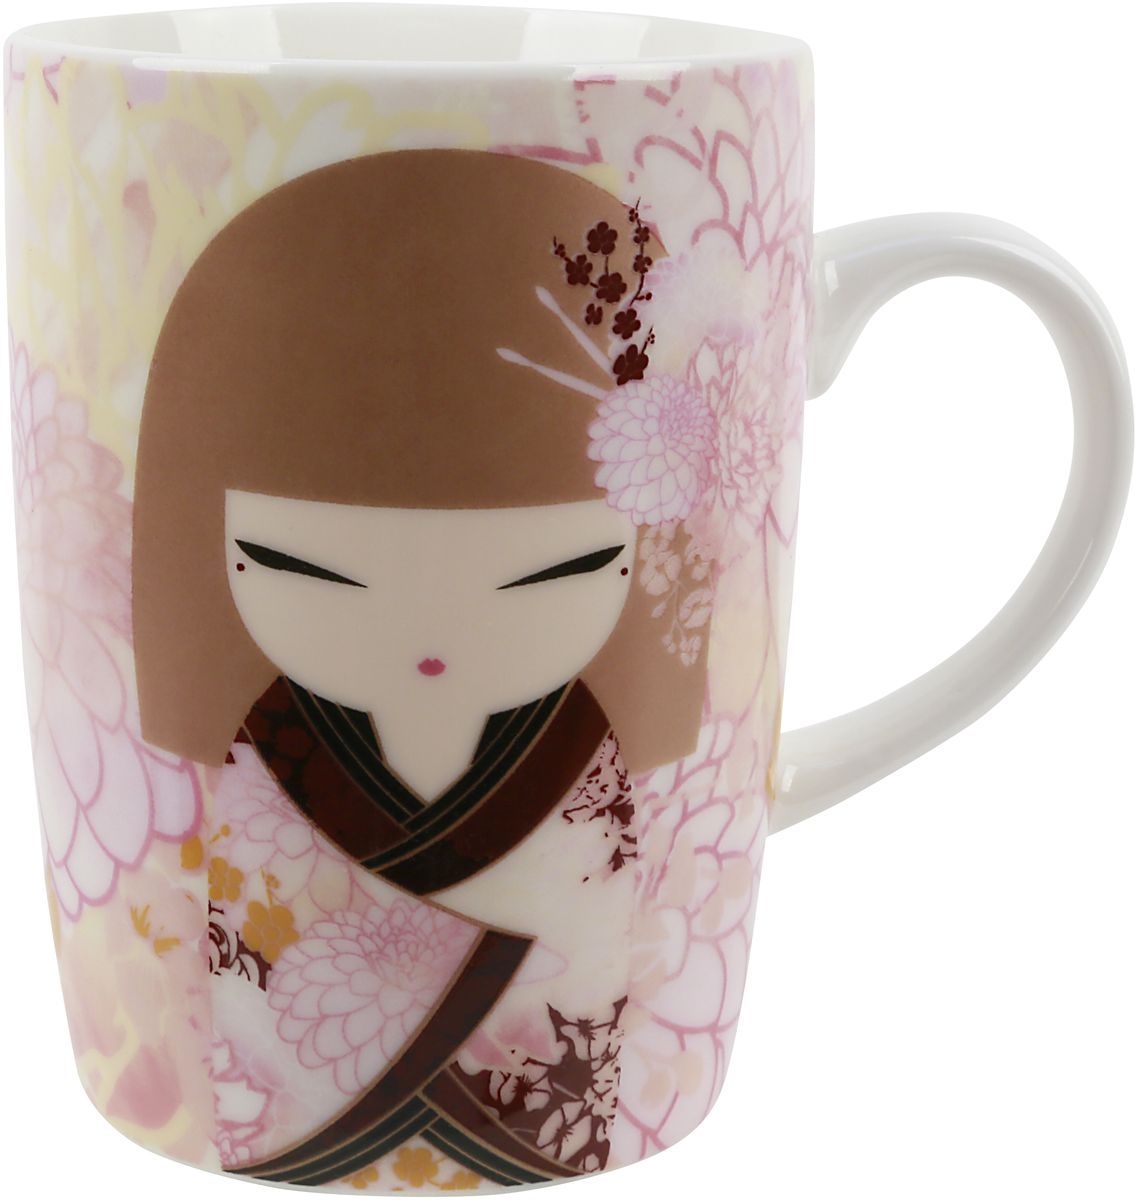 Кружка Kimmidoll Хидека, цвет: светло-розовый, 300 млKH0989Элегантная фарфоровая кружка, которая оформлена в традиционном японском стиле. Понравится всем ценителям прекрасного.